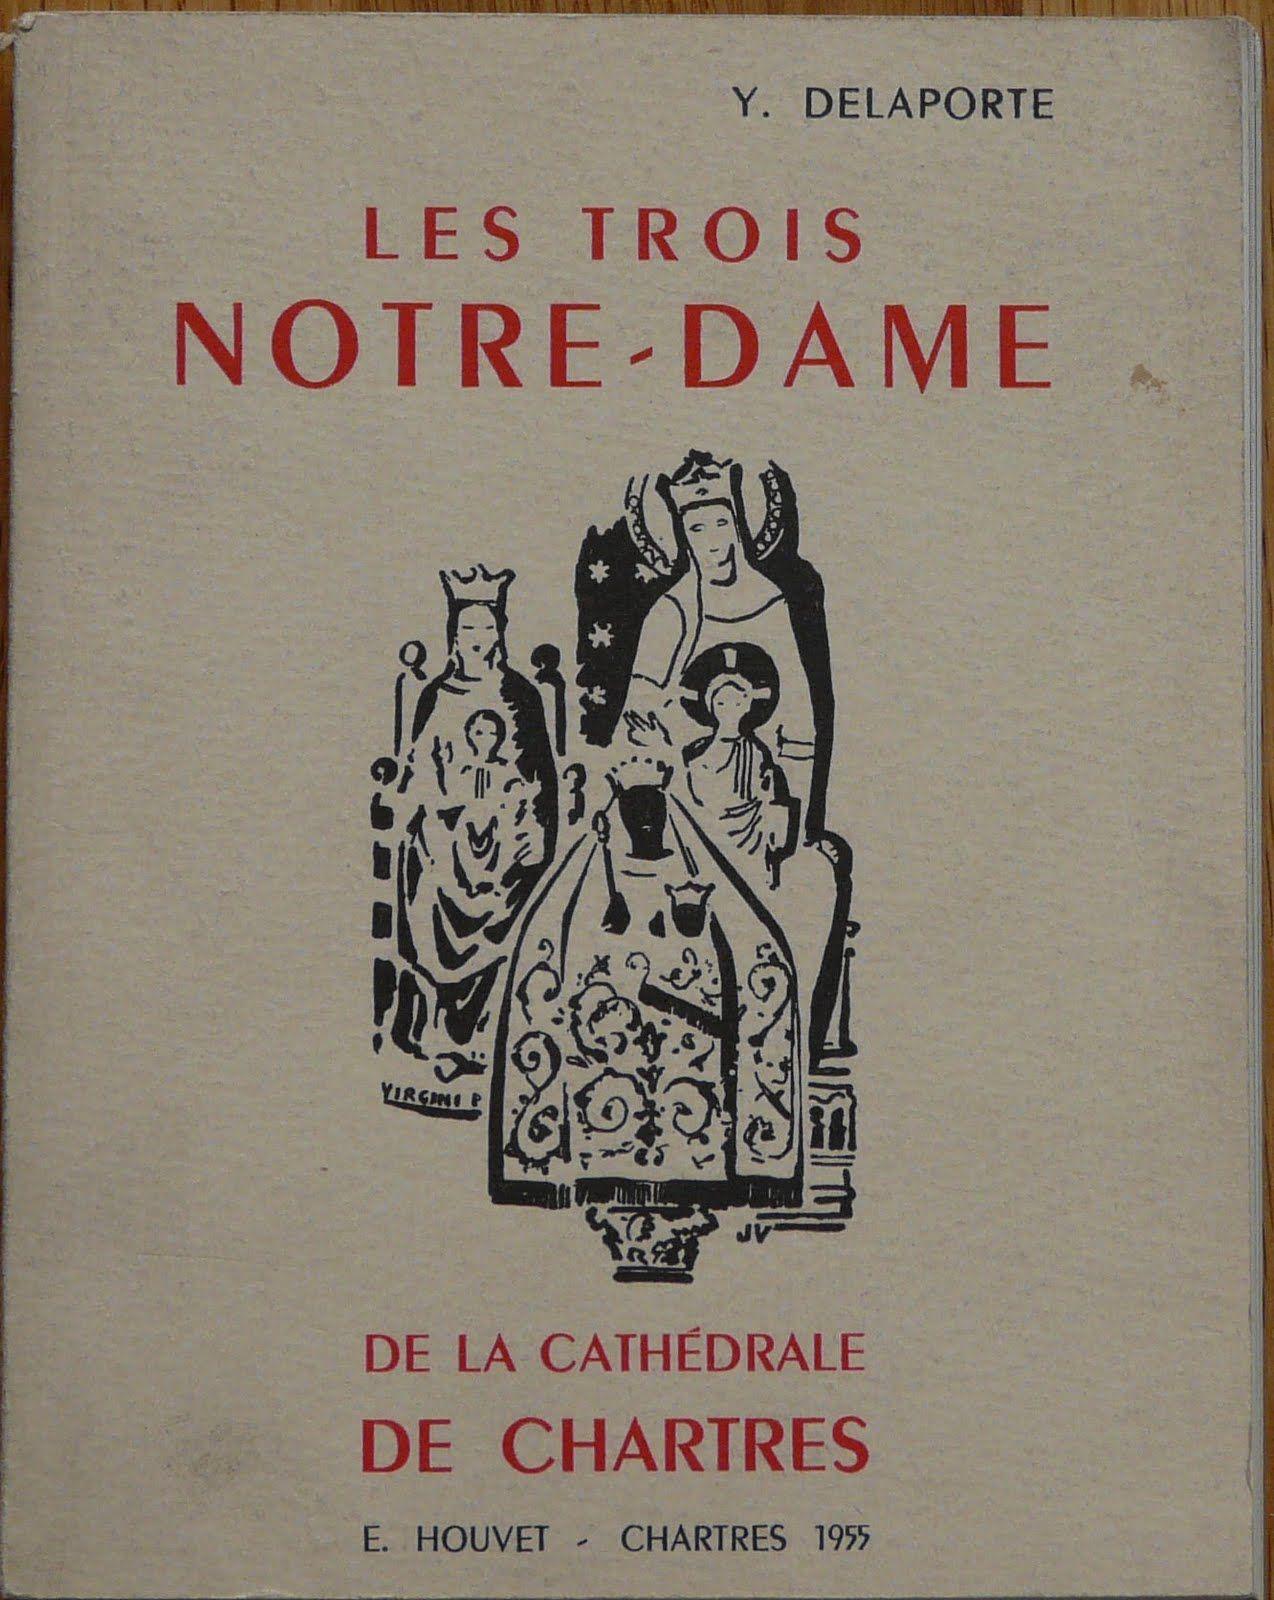 Yves Delaporte, les trois Notre-Dame de la cathédrale de Chartres, Ed. Houvet, Chartres, 1955